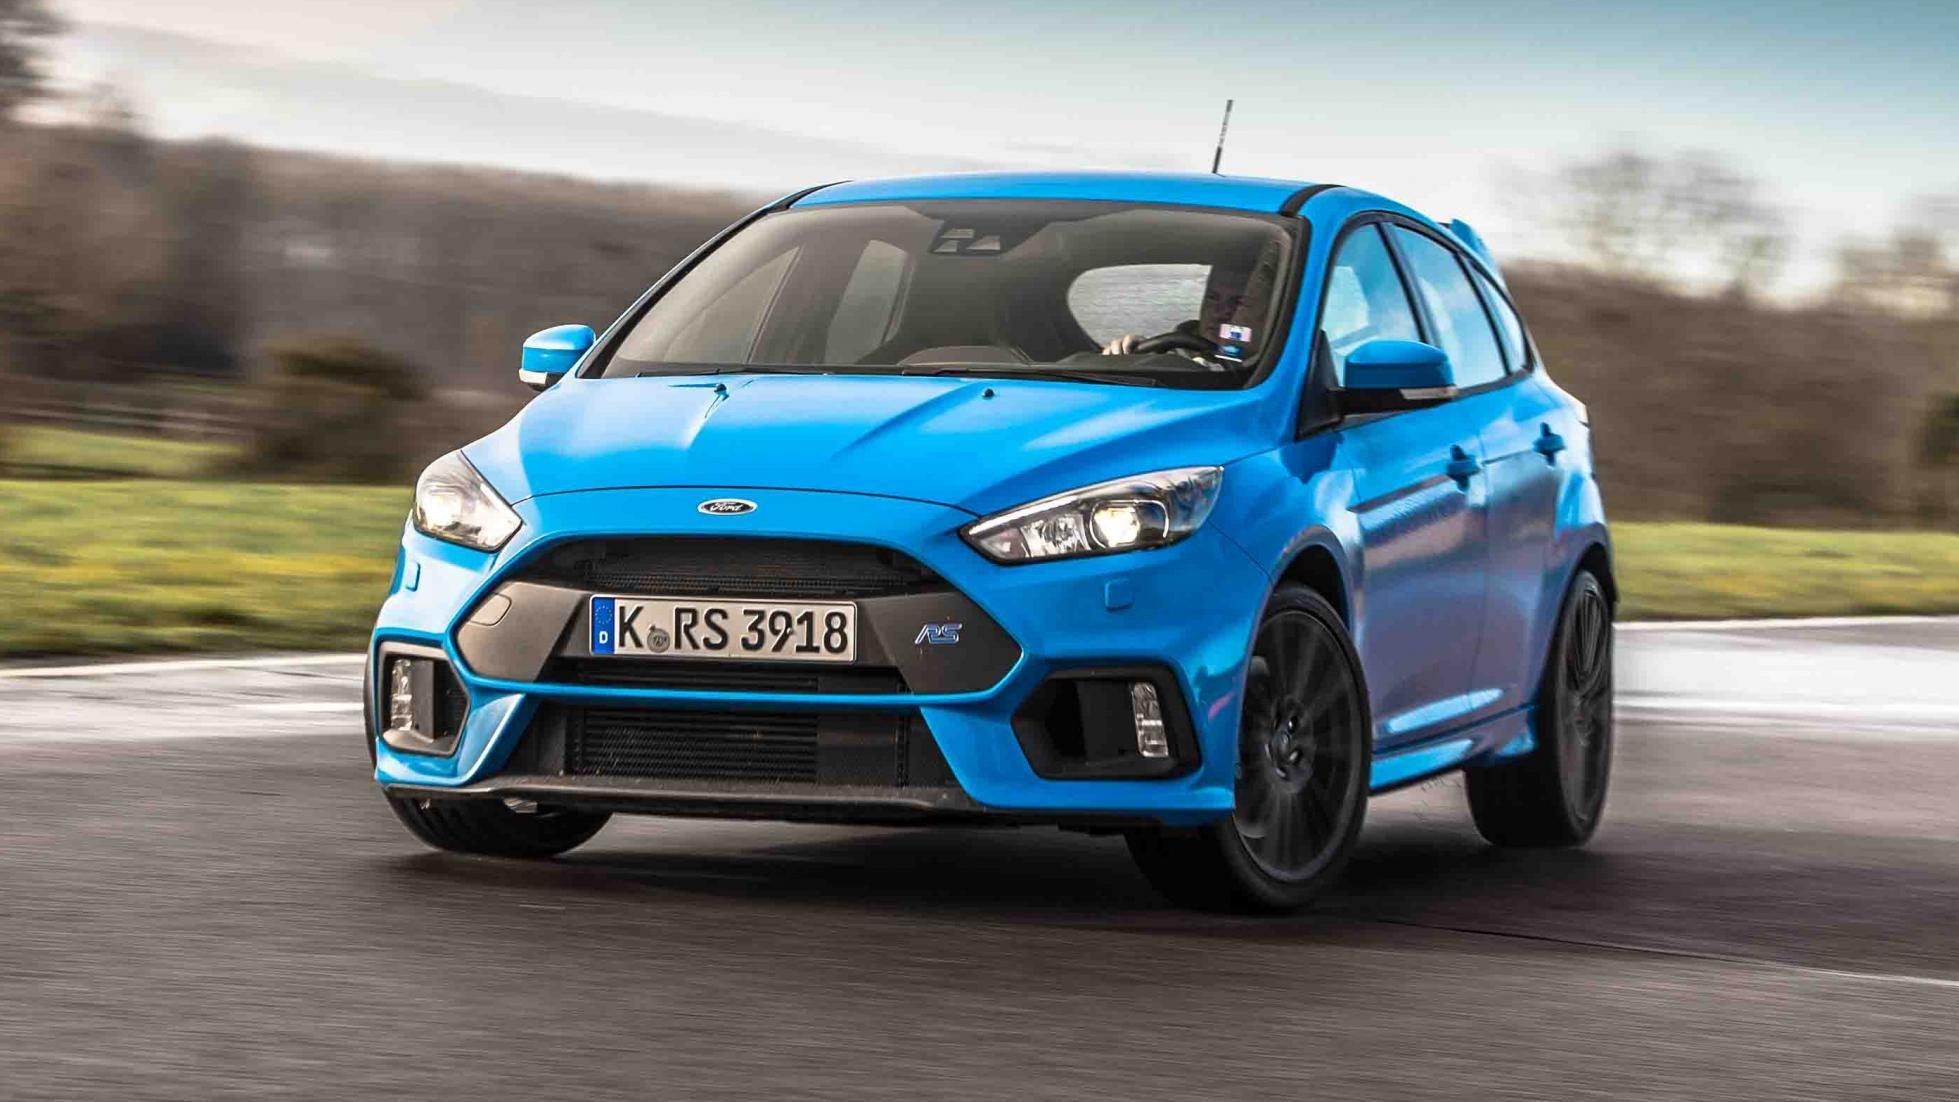 Ford Focus RS… non c'è da commentare, solo da sgranare